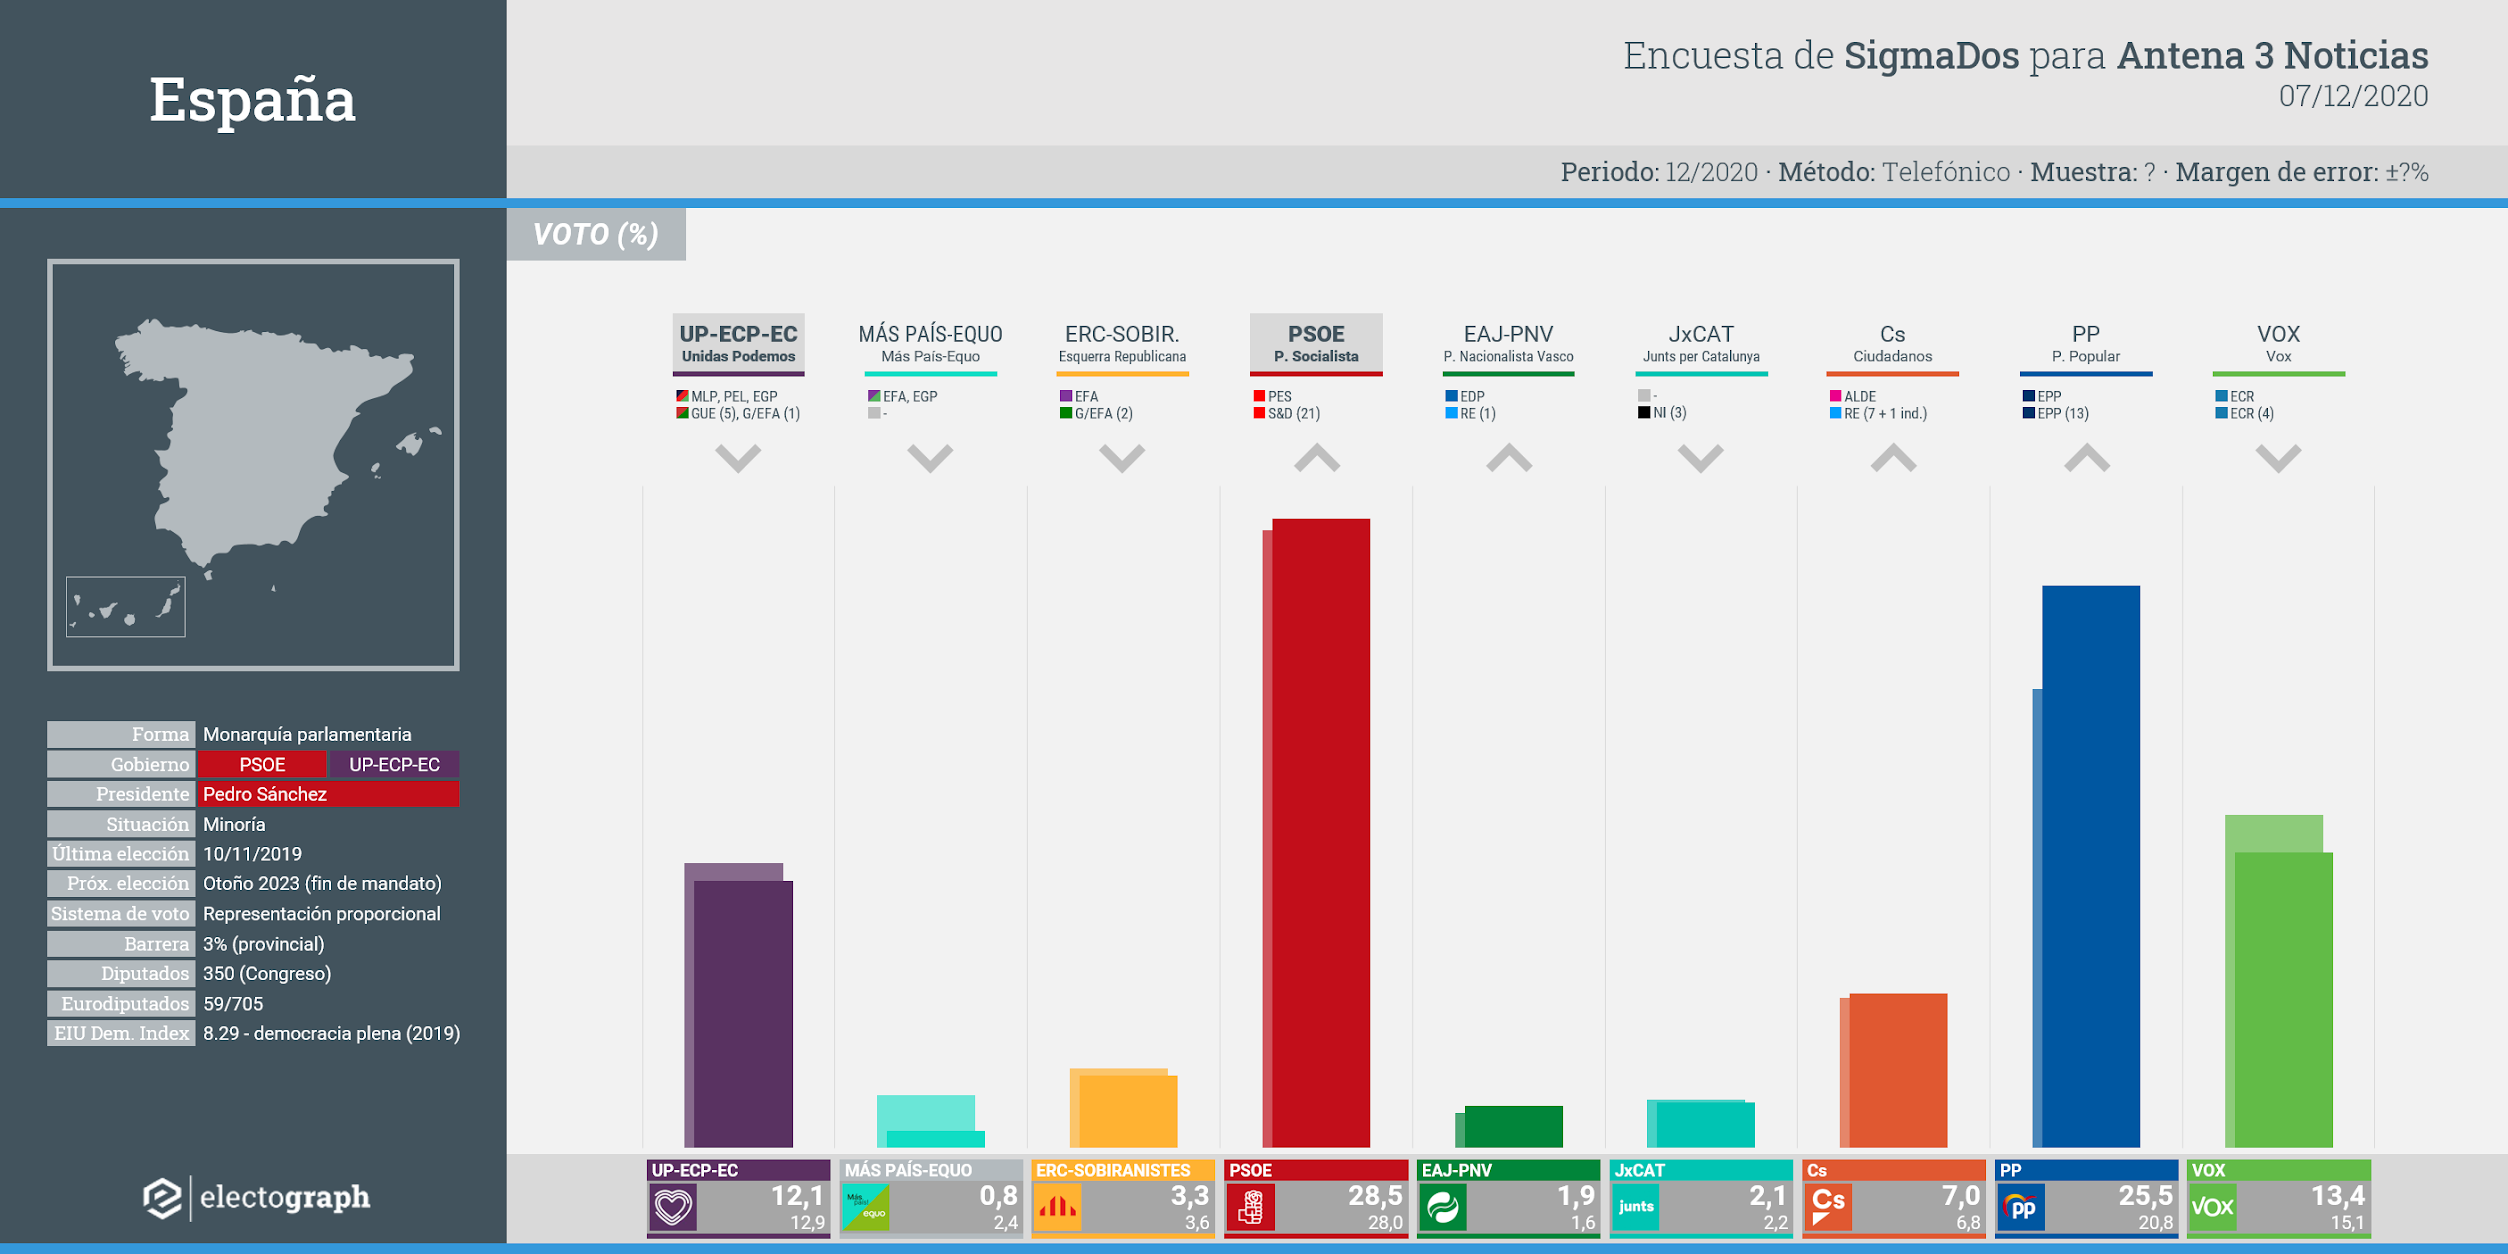 Gráfico de la encuesta para elecciones generales en España realizada por SigmaDos para Antena 3 Noticias, 7 de diciembre de 2020